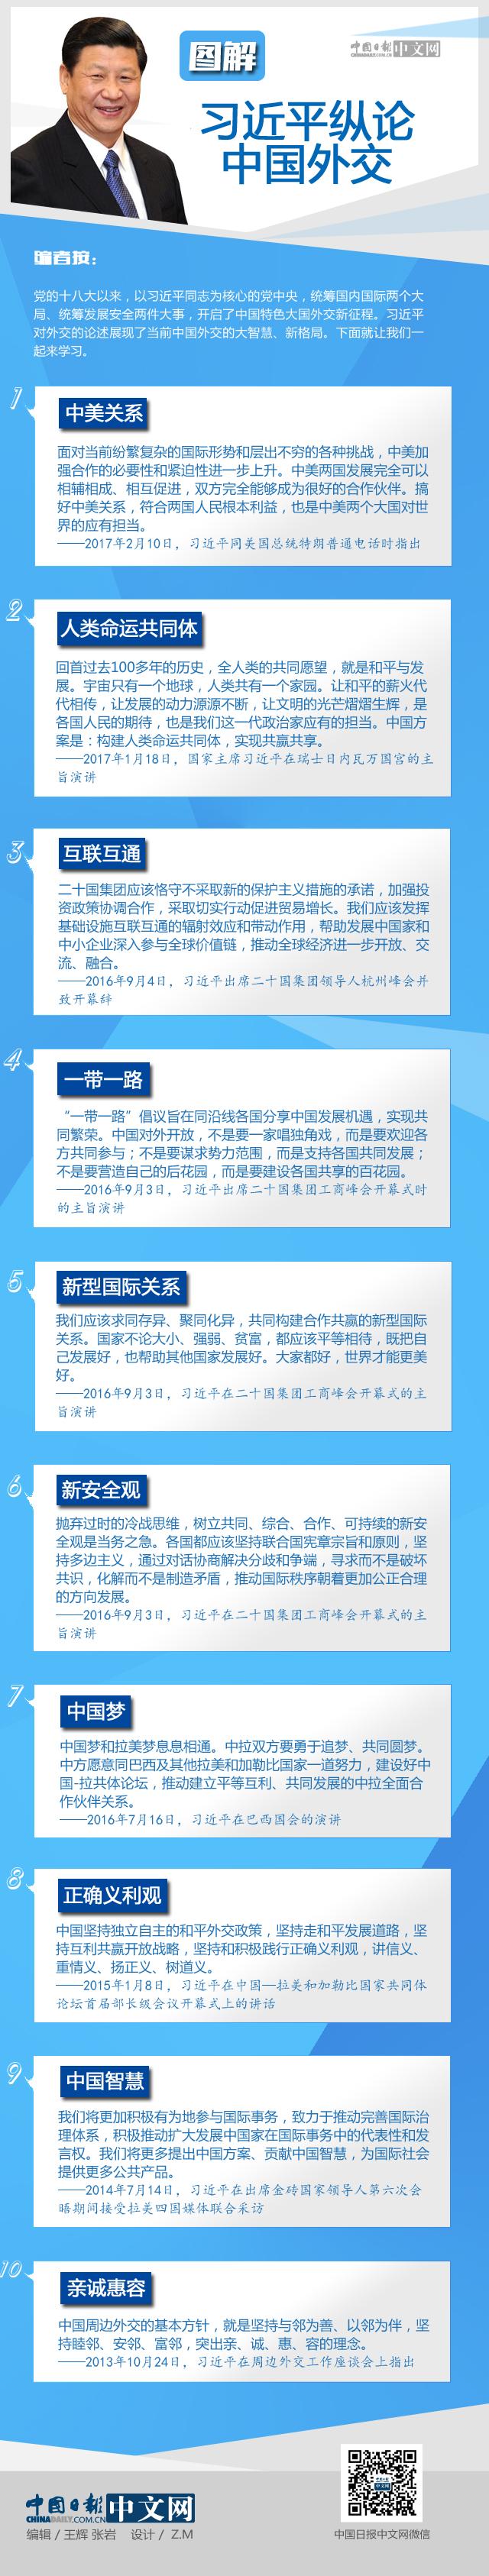 图解:习近平纵论中国外交